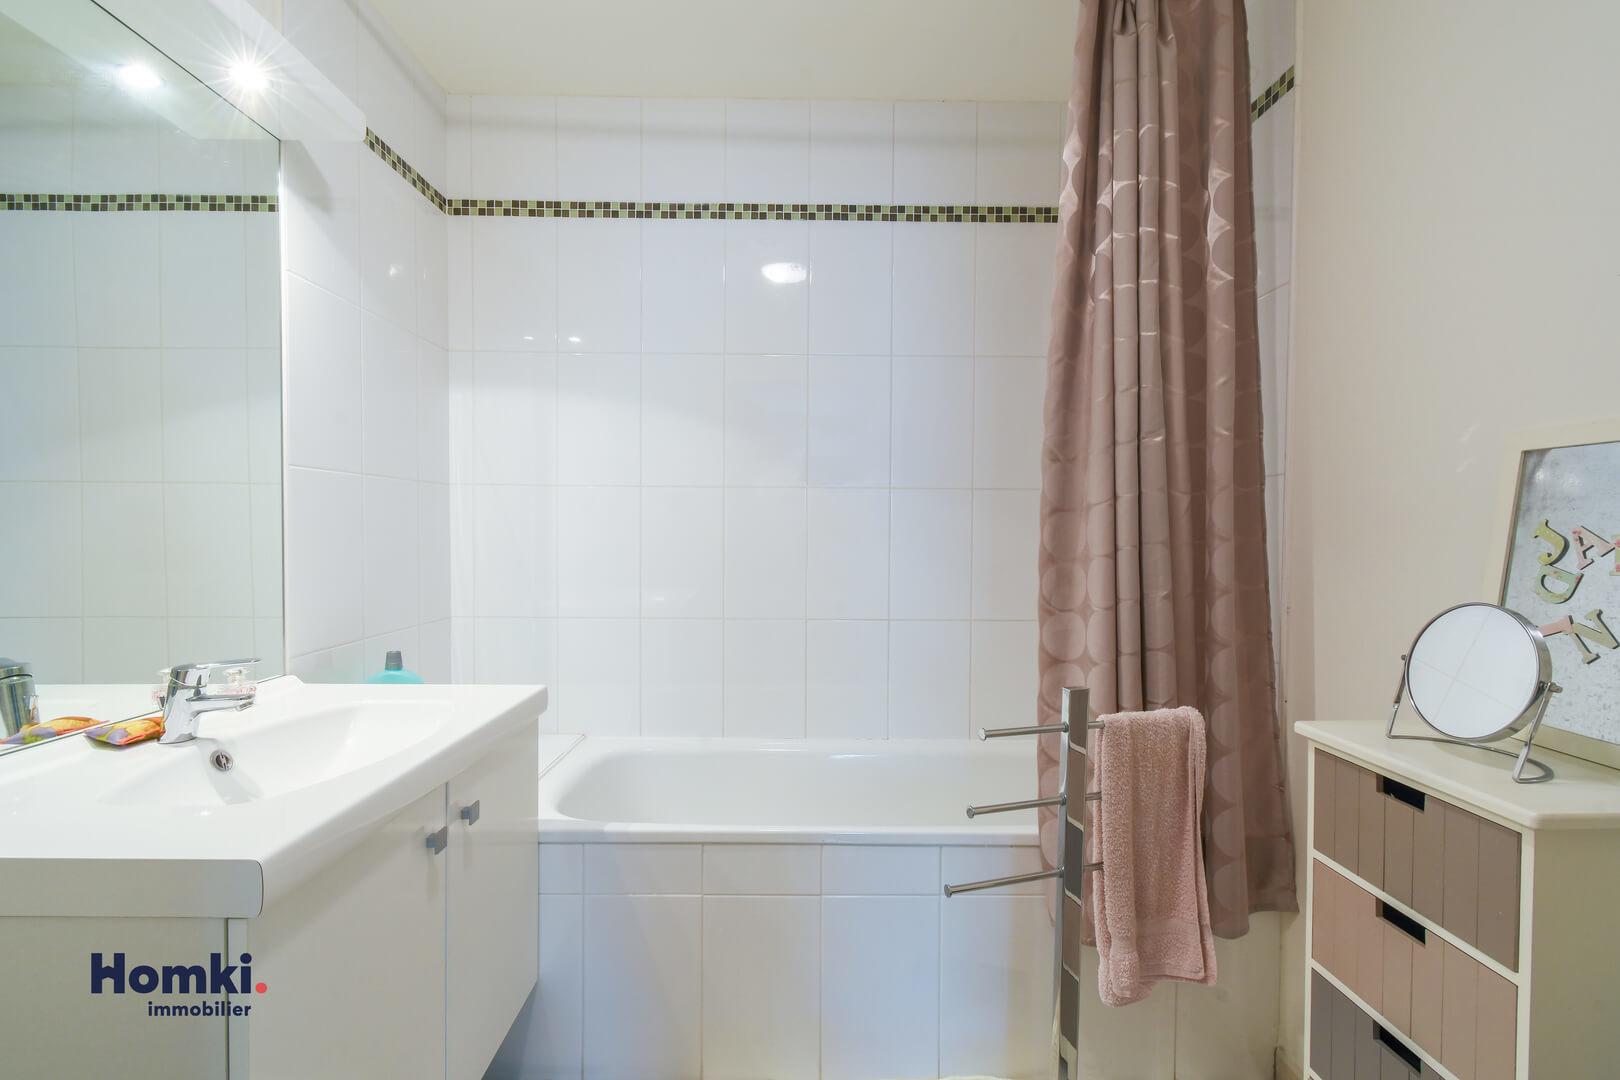 Vente appartement Saint Raphael T3 83700_8